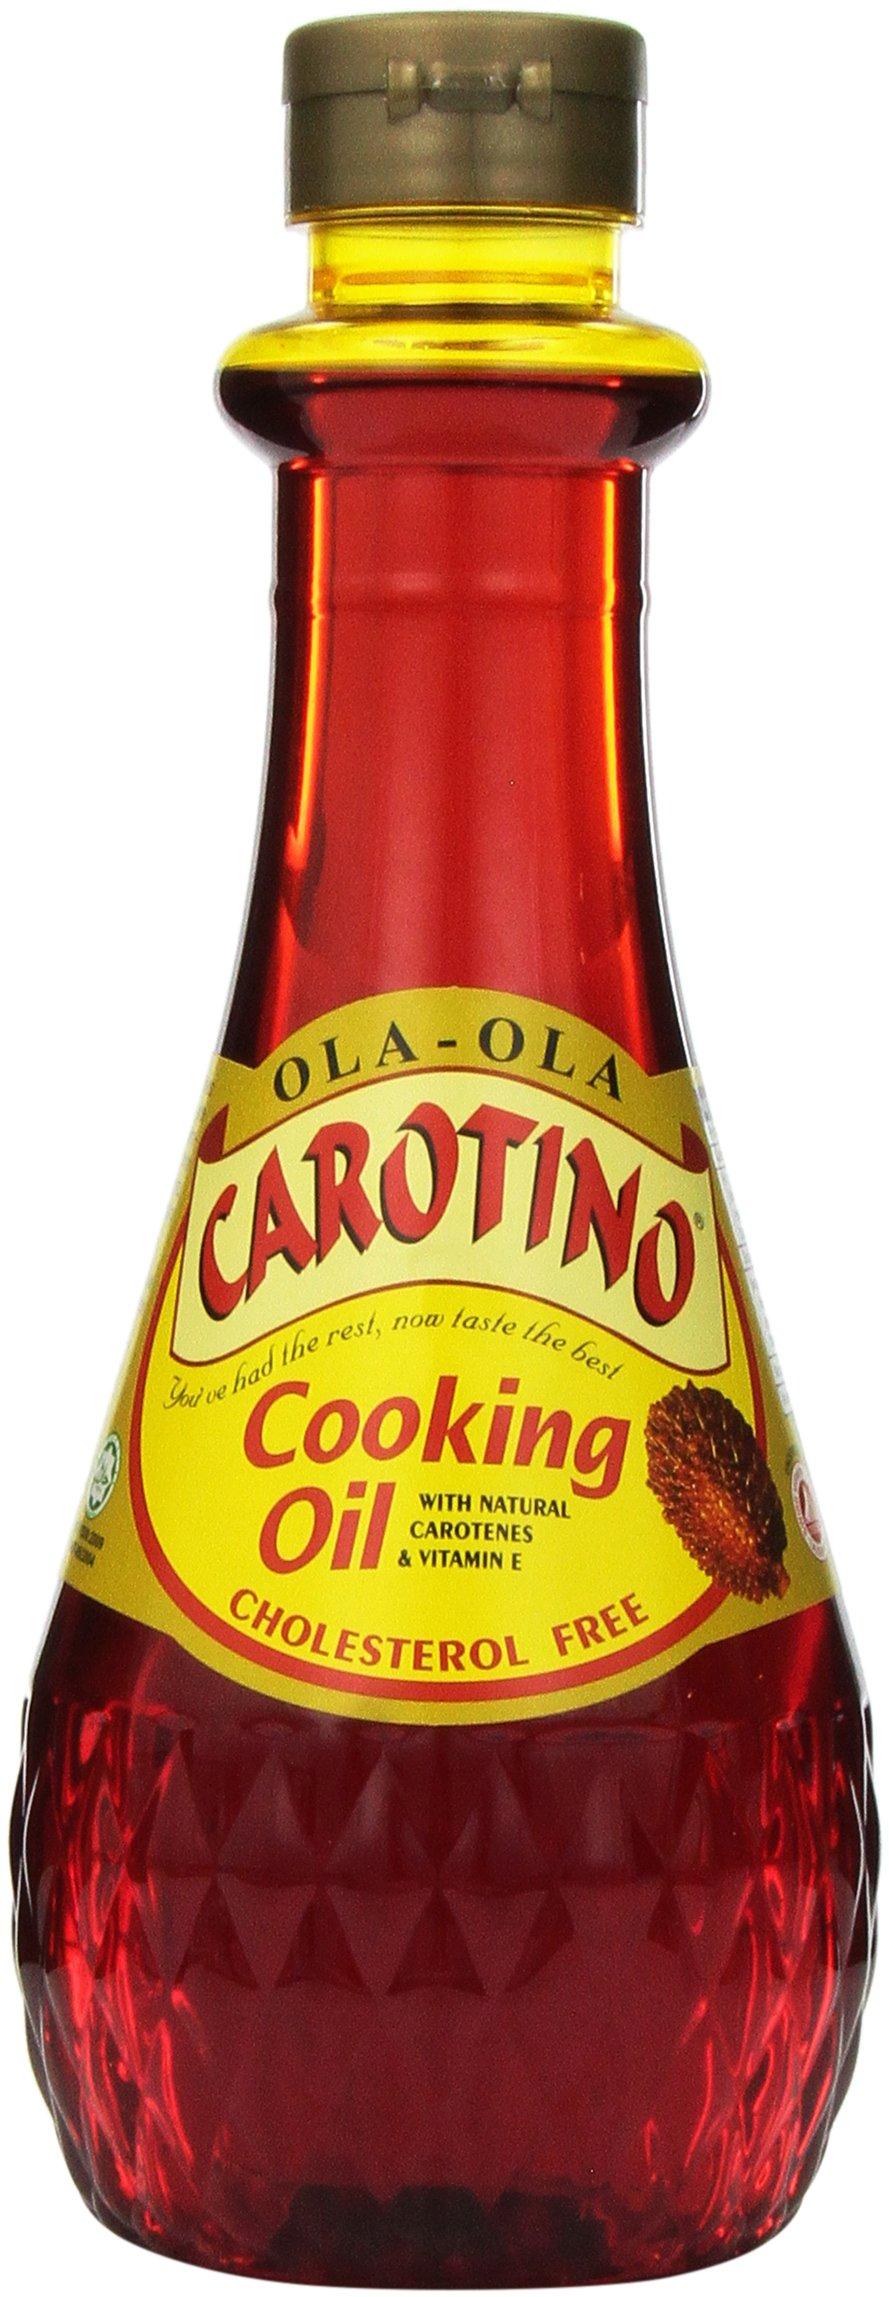 Carotino Oil (Palm & Canola Blend) 17.6 oz by OLA